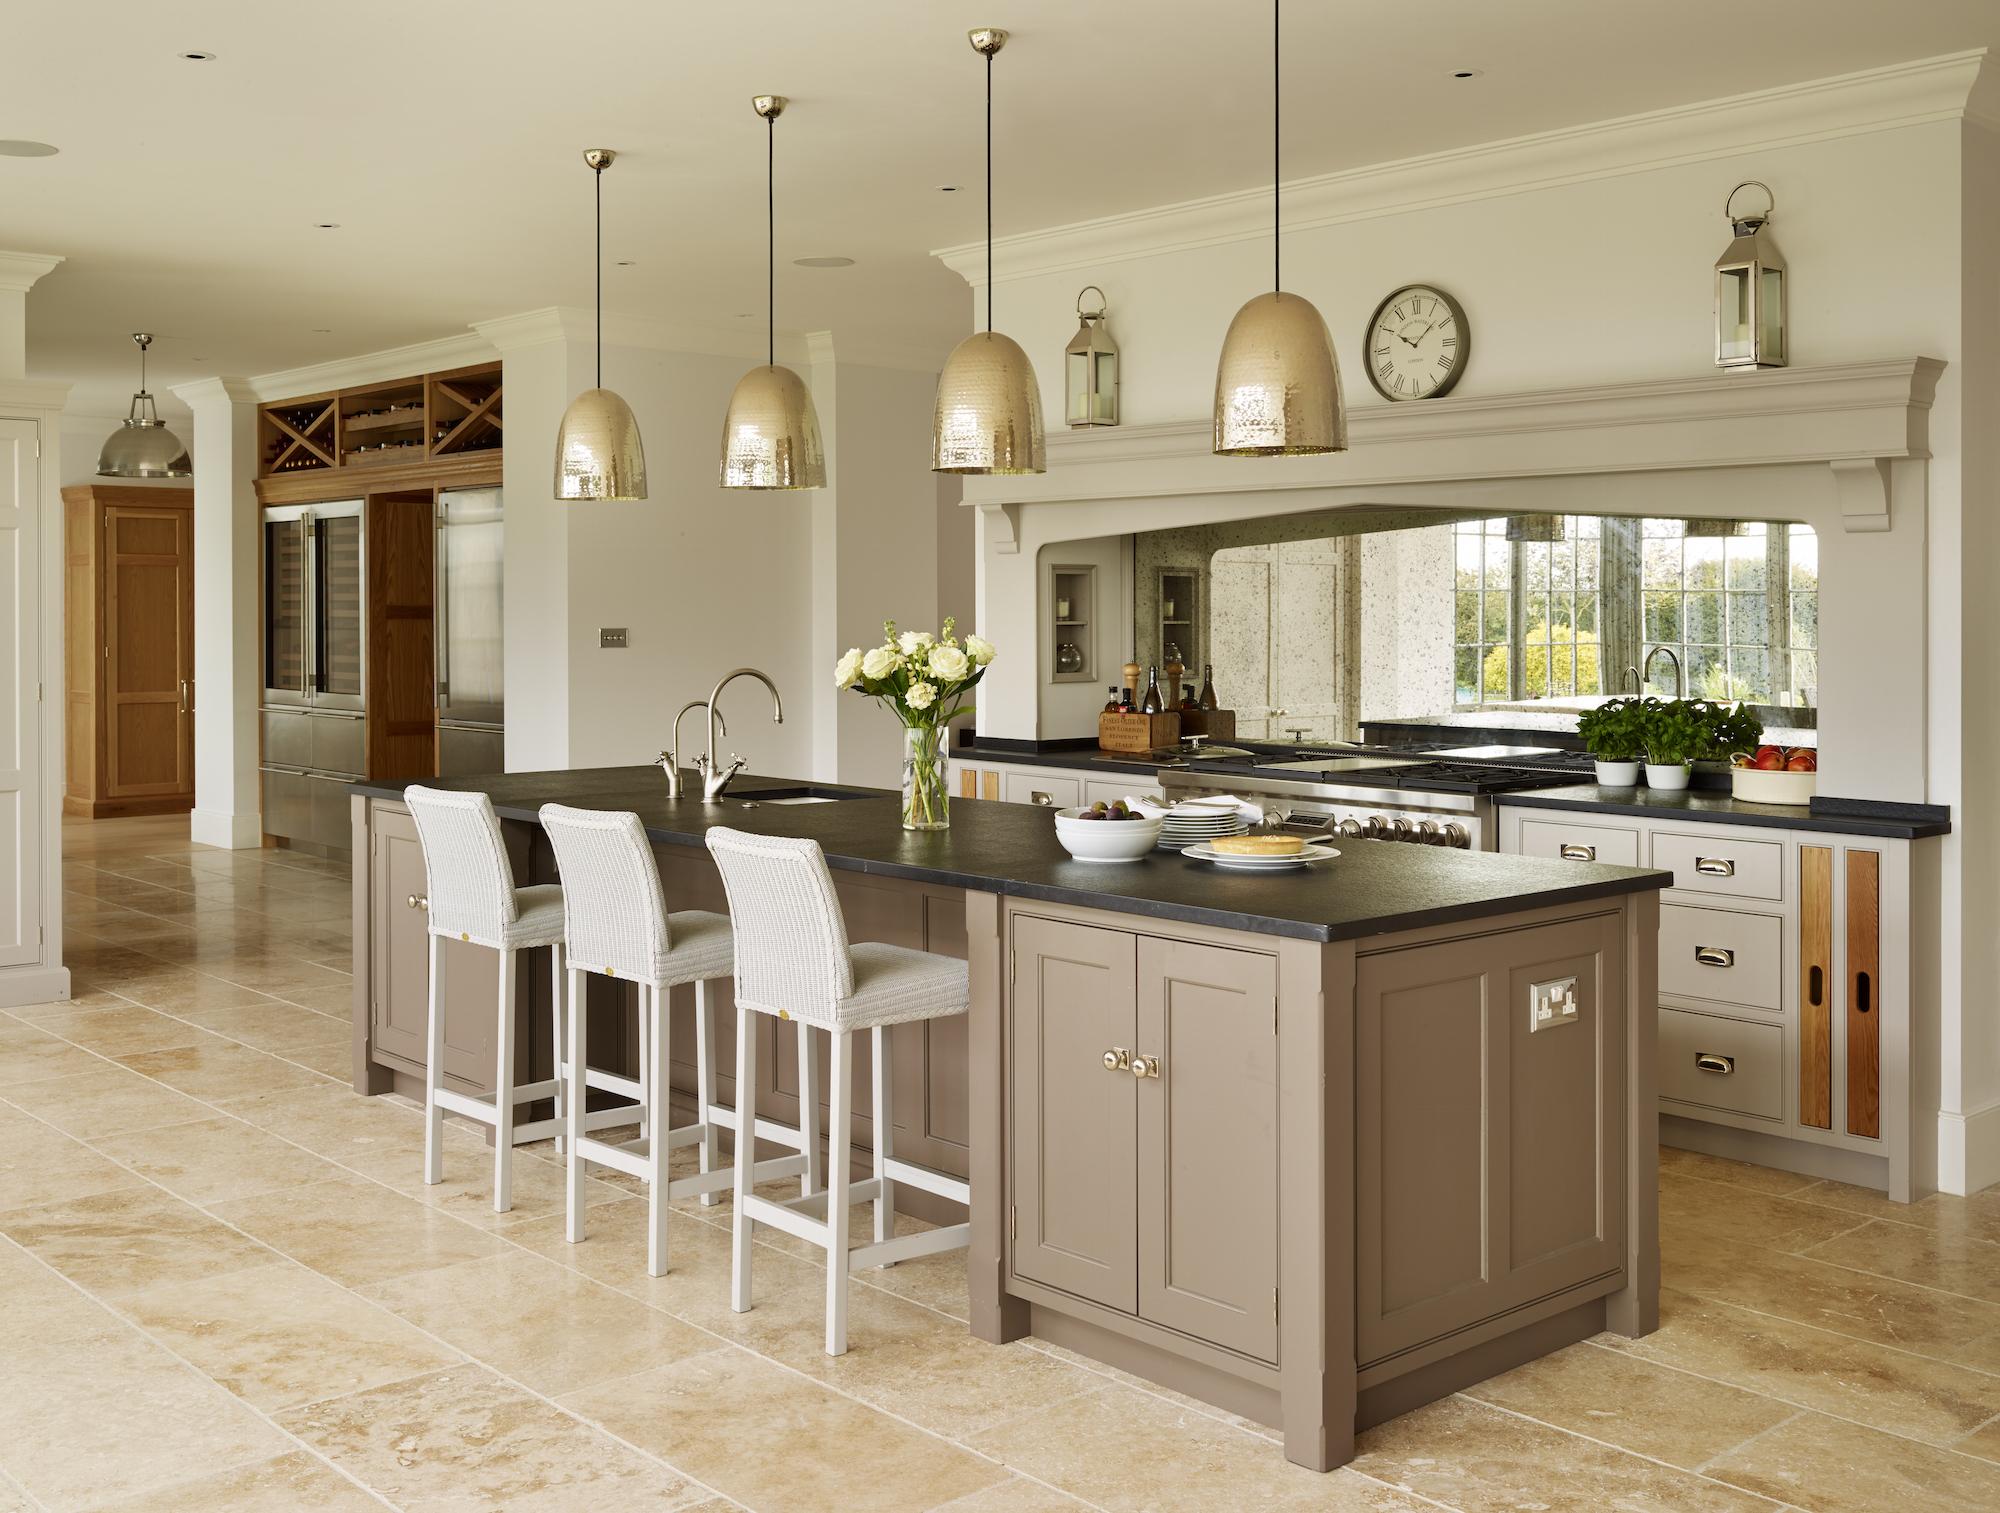 Best Kitchen Gallery: Cool Kitchen Ideas Kitchen Design Ideas Cool Weup Co of Interior Design Ideas For Kitchens  on rachelxblog.com